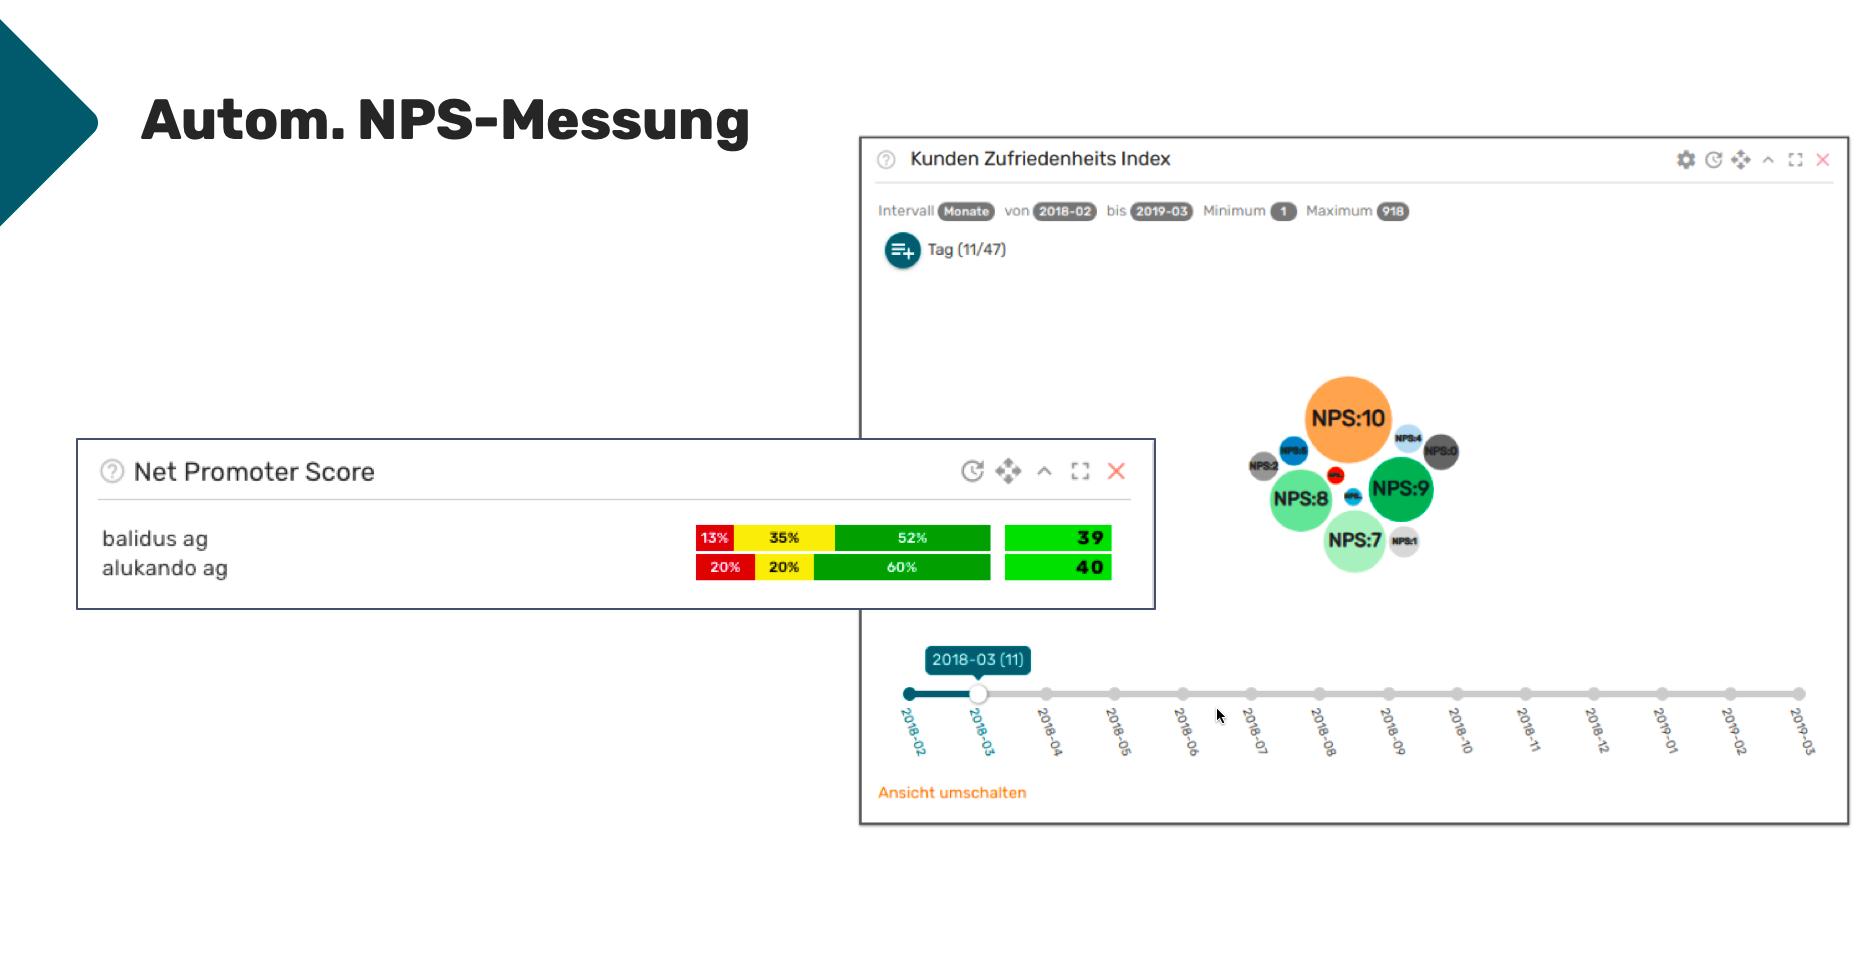 Automatische NPS-Messung voiXen